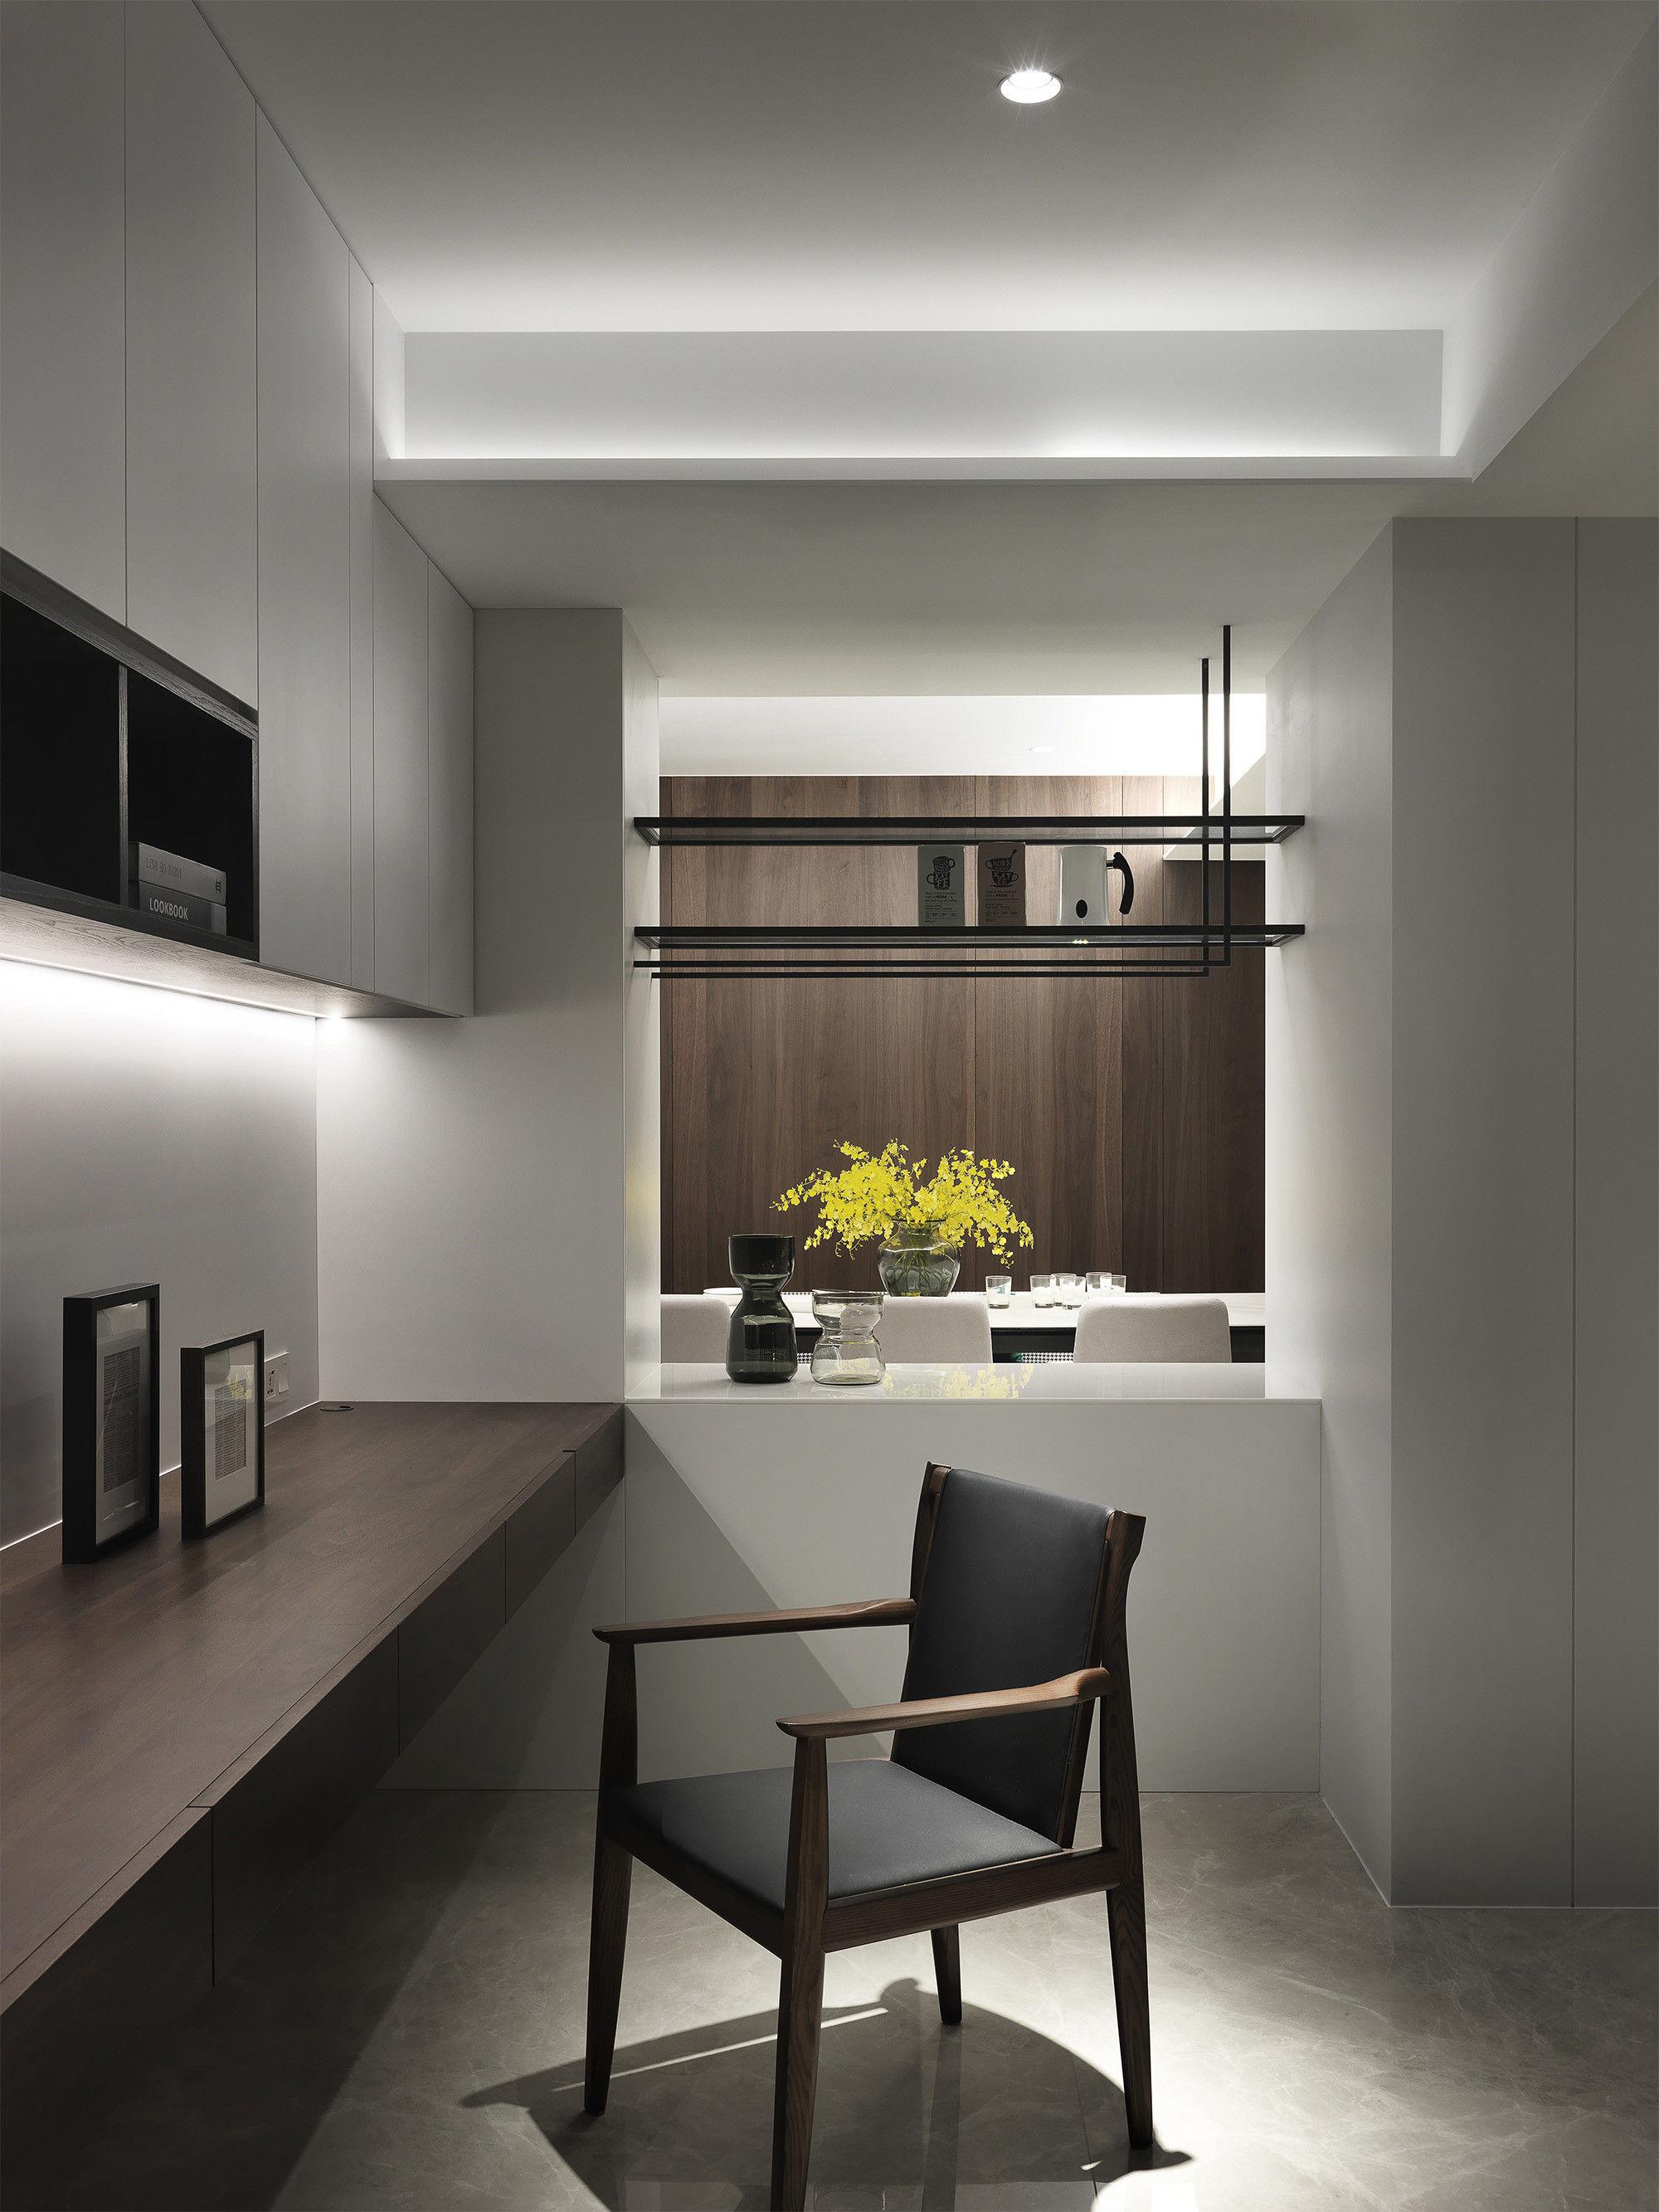 分子室內裝修設計-台中七期住宅-住宅裝修設計-公共空間